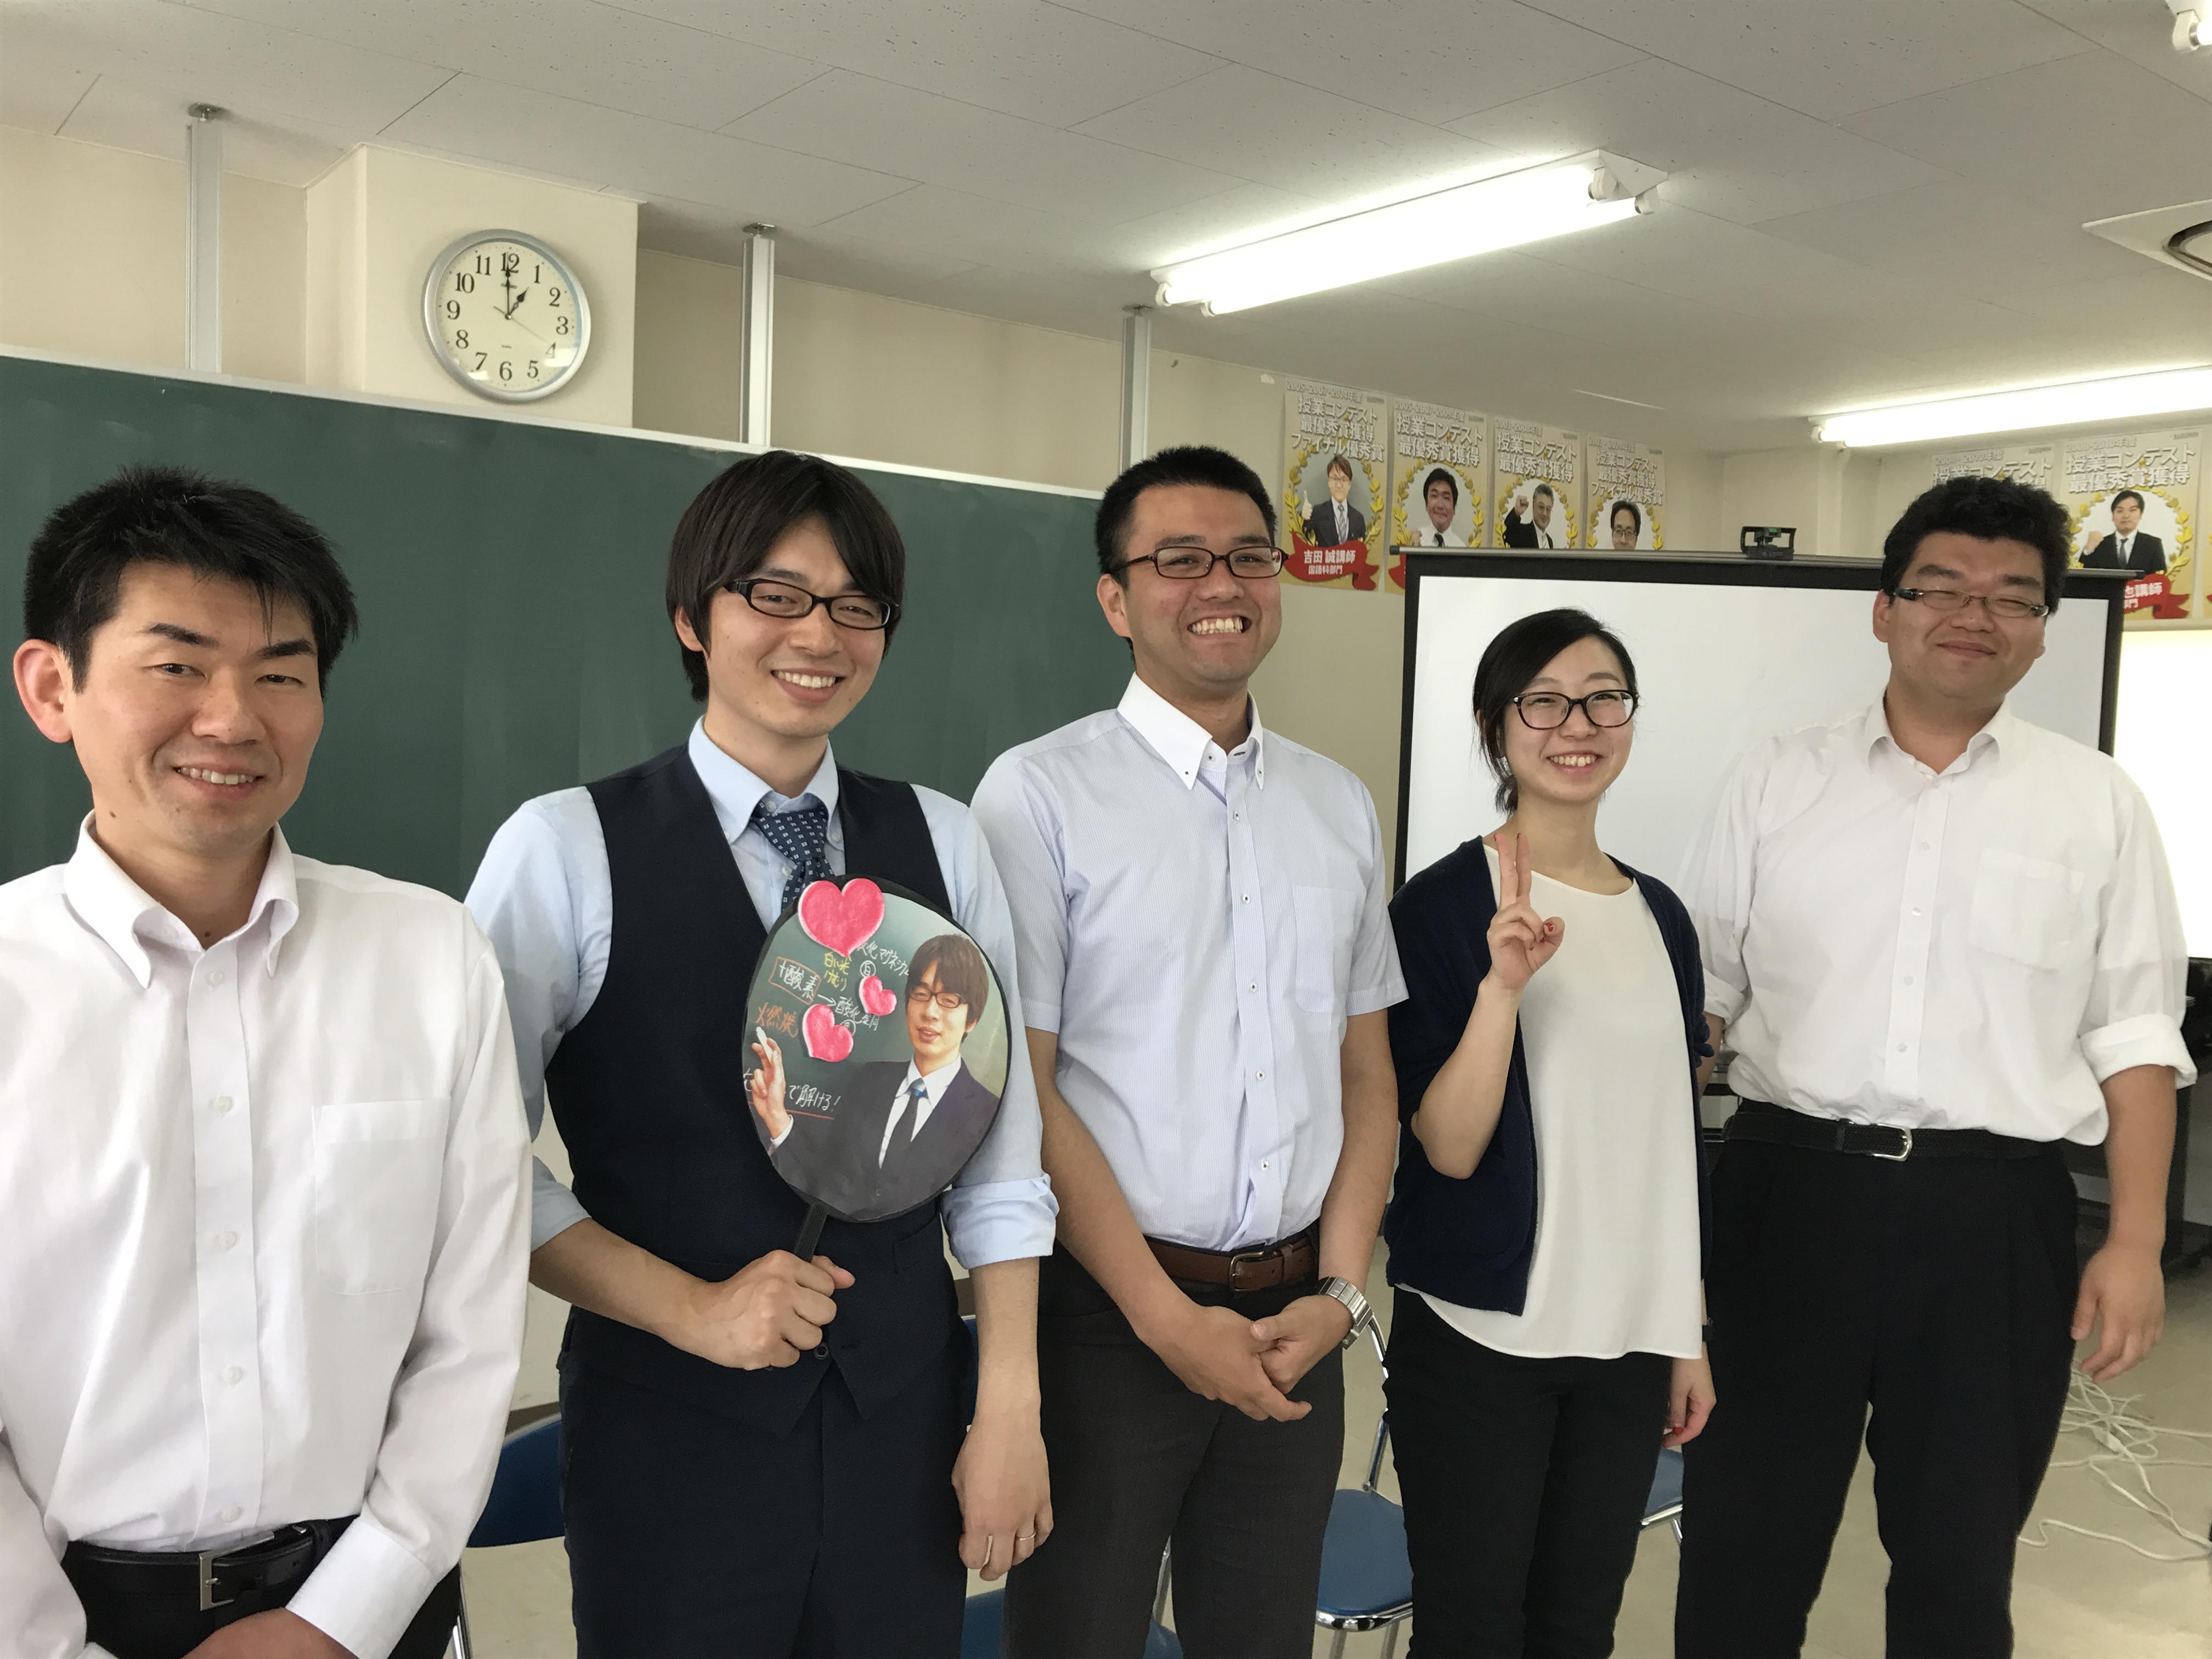 「本気の講師」授業コンテスト入賞!!